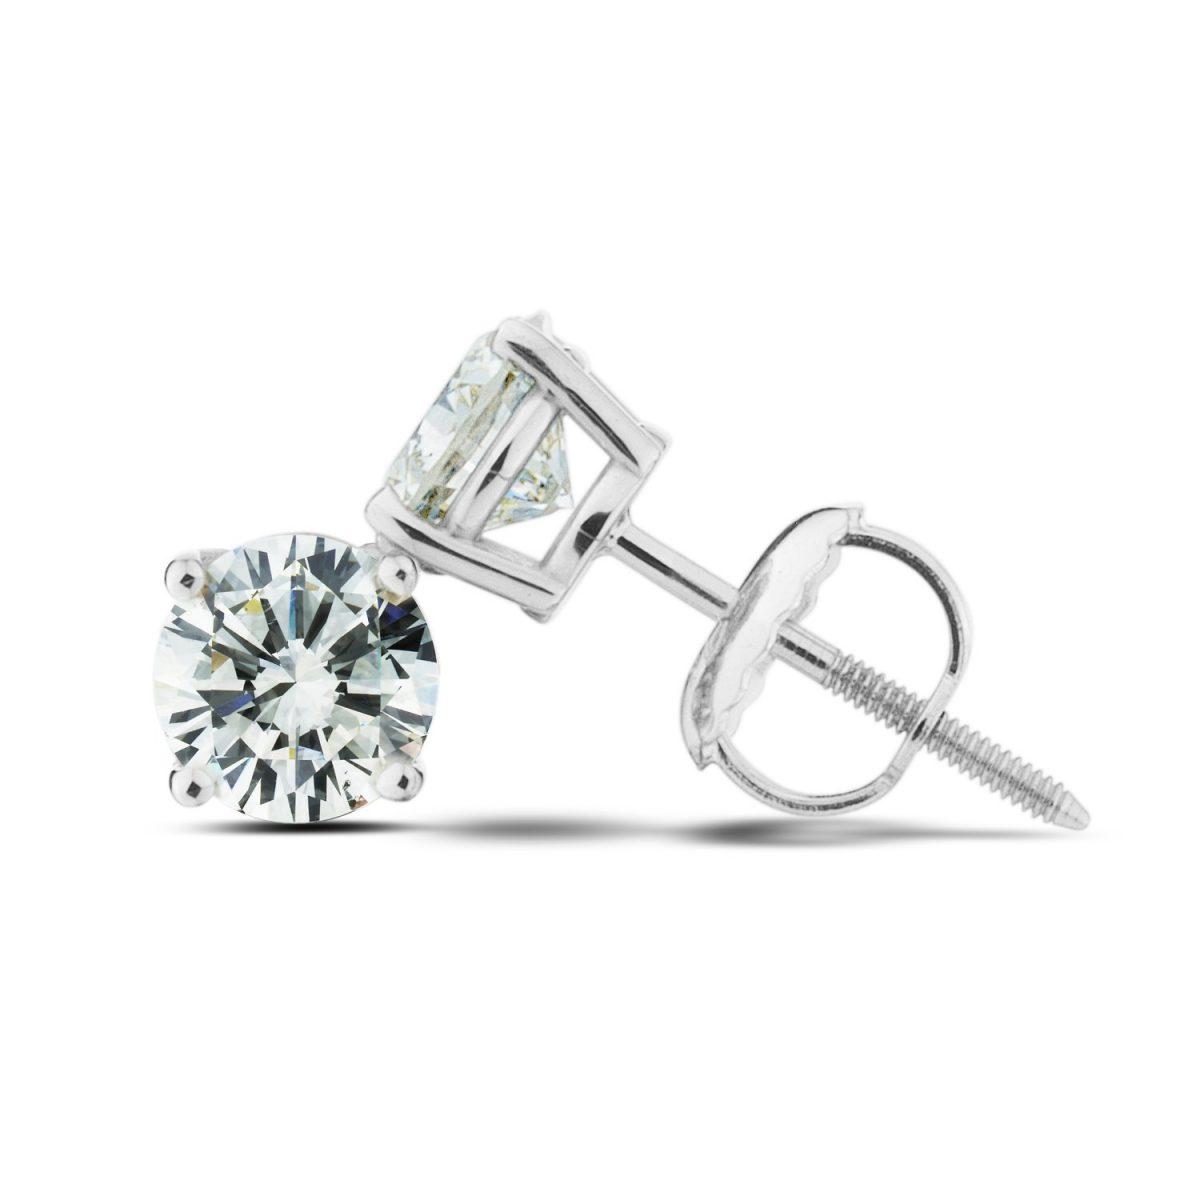 Beverly Clark's Clarity Earrings